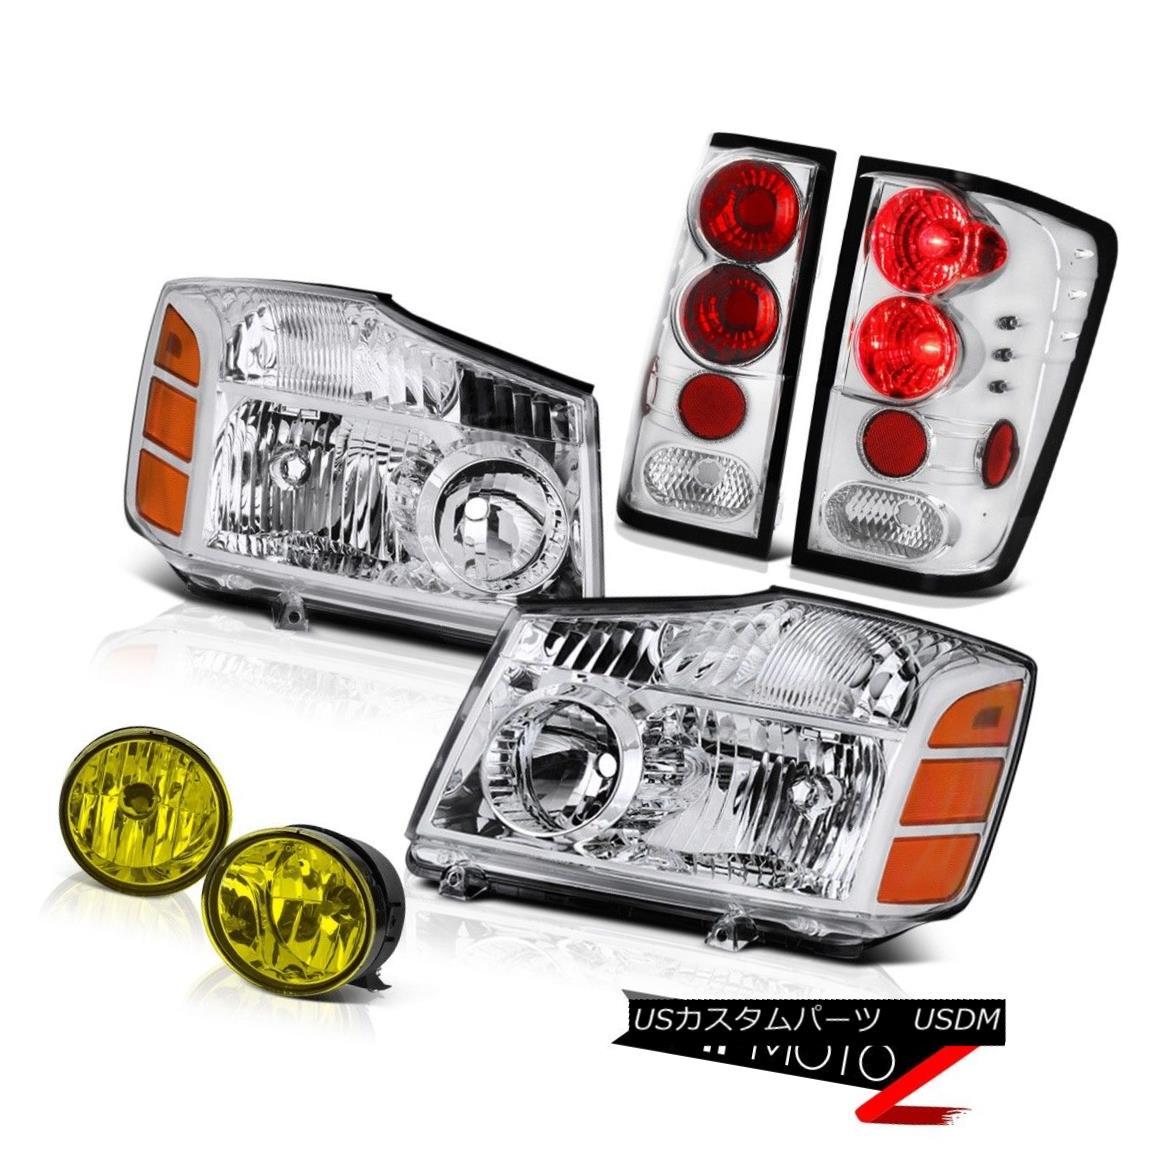 テールライト For 2004-2015 09 Titan SE Pair Clear Headlights Brake Tail Lights Driving Fog 2004年?2015年9月タイタンSEペアクリアヘッドライトブレーキテールライトドライビングフォグ